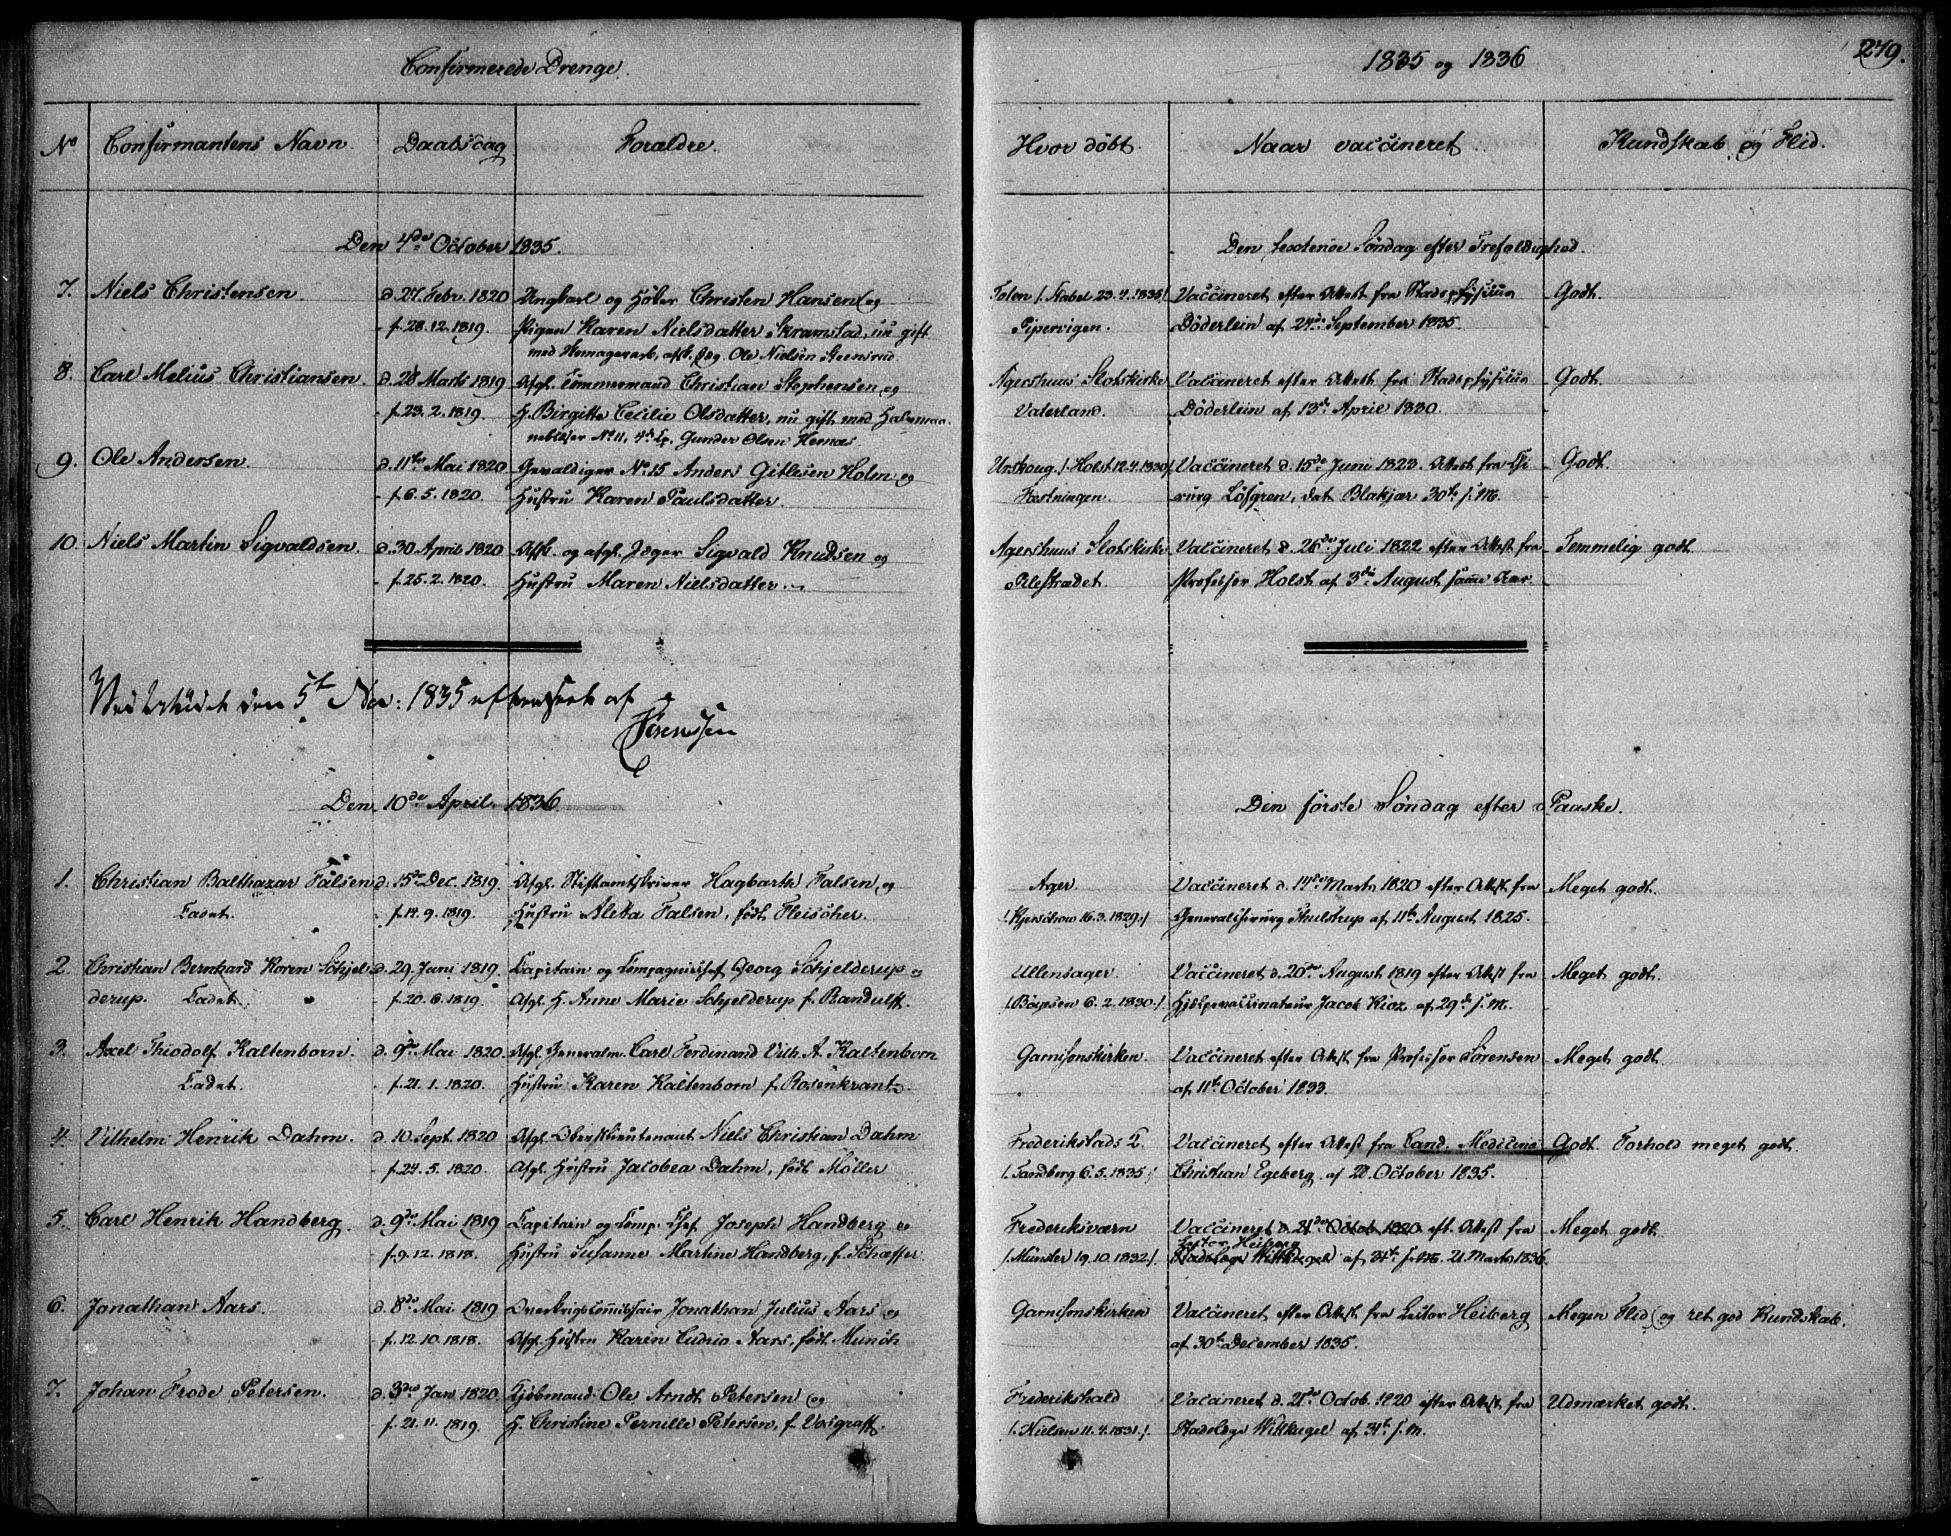 SAO, Garnisonsmenigheten Kirkebøker, F/Fa/L0006: Ministerialbok nr. 6, 1828-1841, s. 279